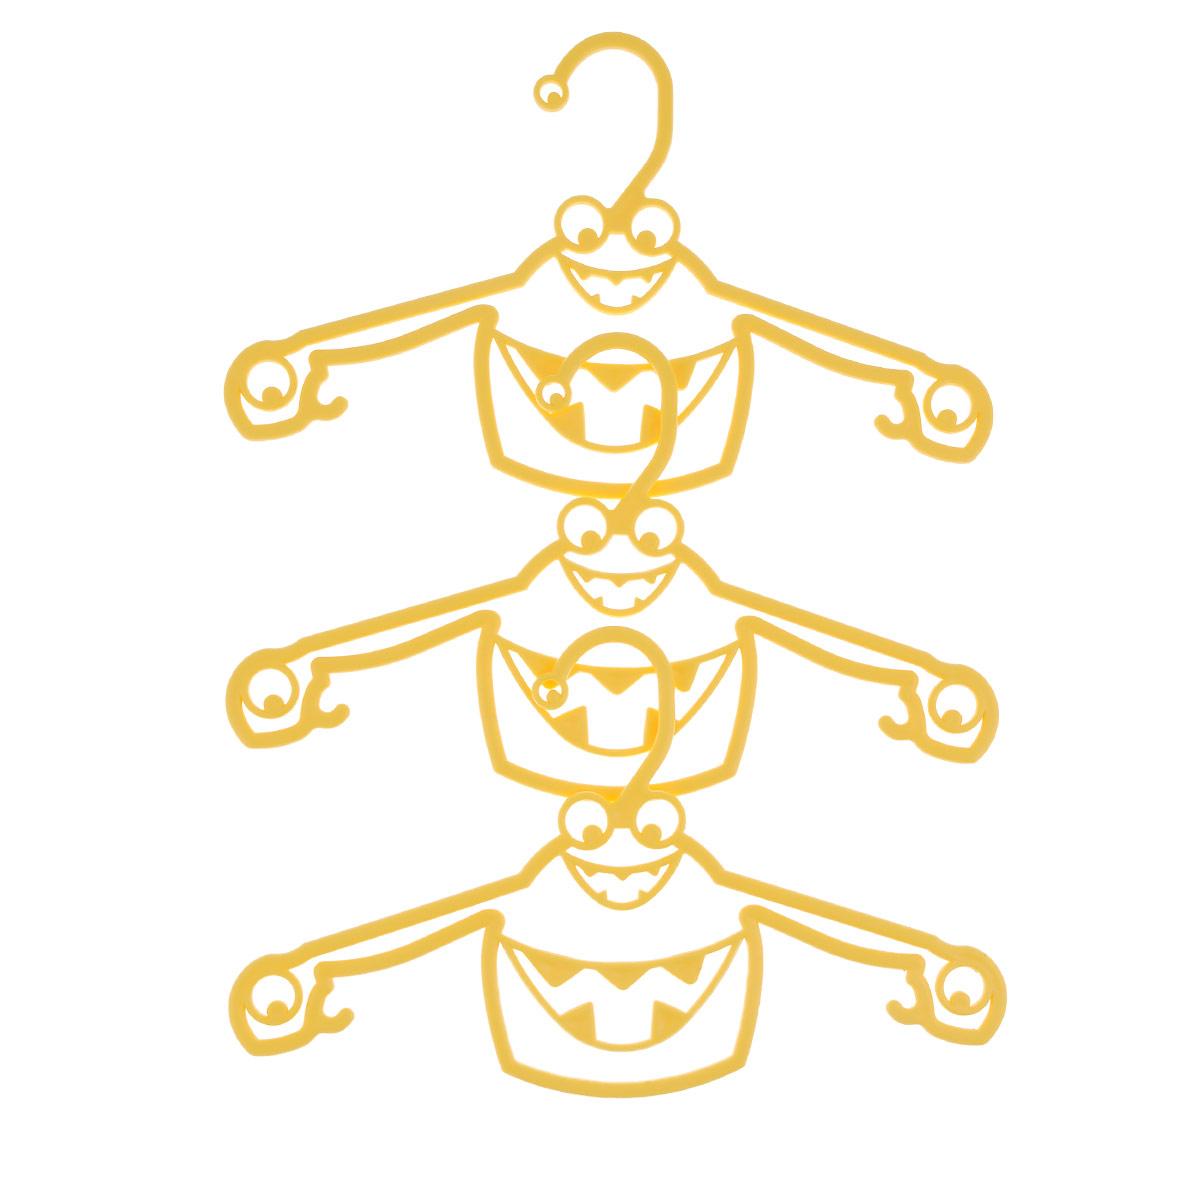 Набор вешалок Пластишка, с крючками, цвет: желтый, 3 штС13024Набор Пластишка, изготовленный из прочного полипропилена, состоит из 3 детских вешалок для одежды с закругленными плечиками. Изделия оснащены крючками. Вешалка - это незаменимая вещь для того, чтобы ваша одежда всегда оставалась в хорошем состоянии.Комплектация: 3 шт.